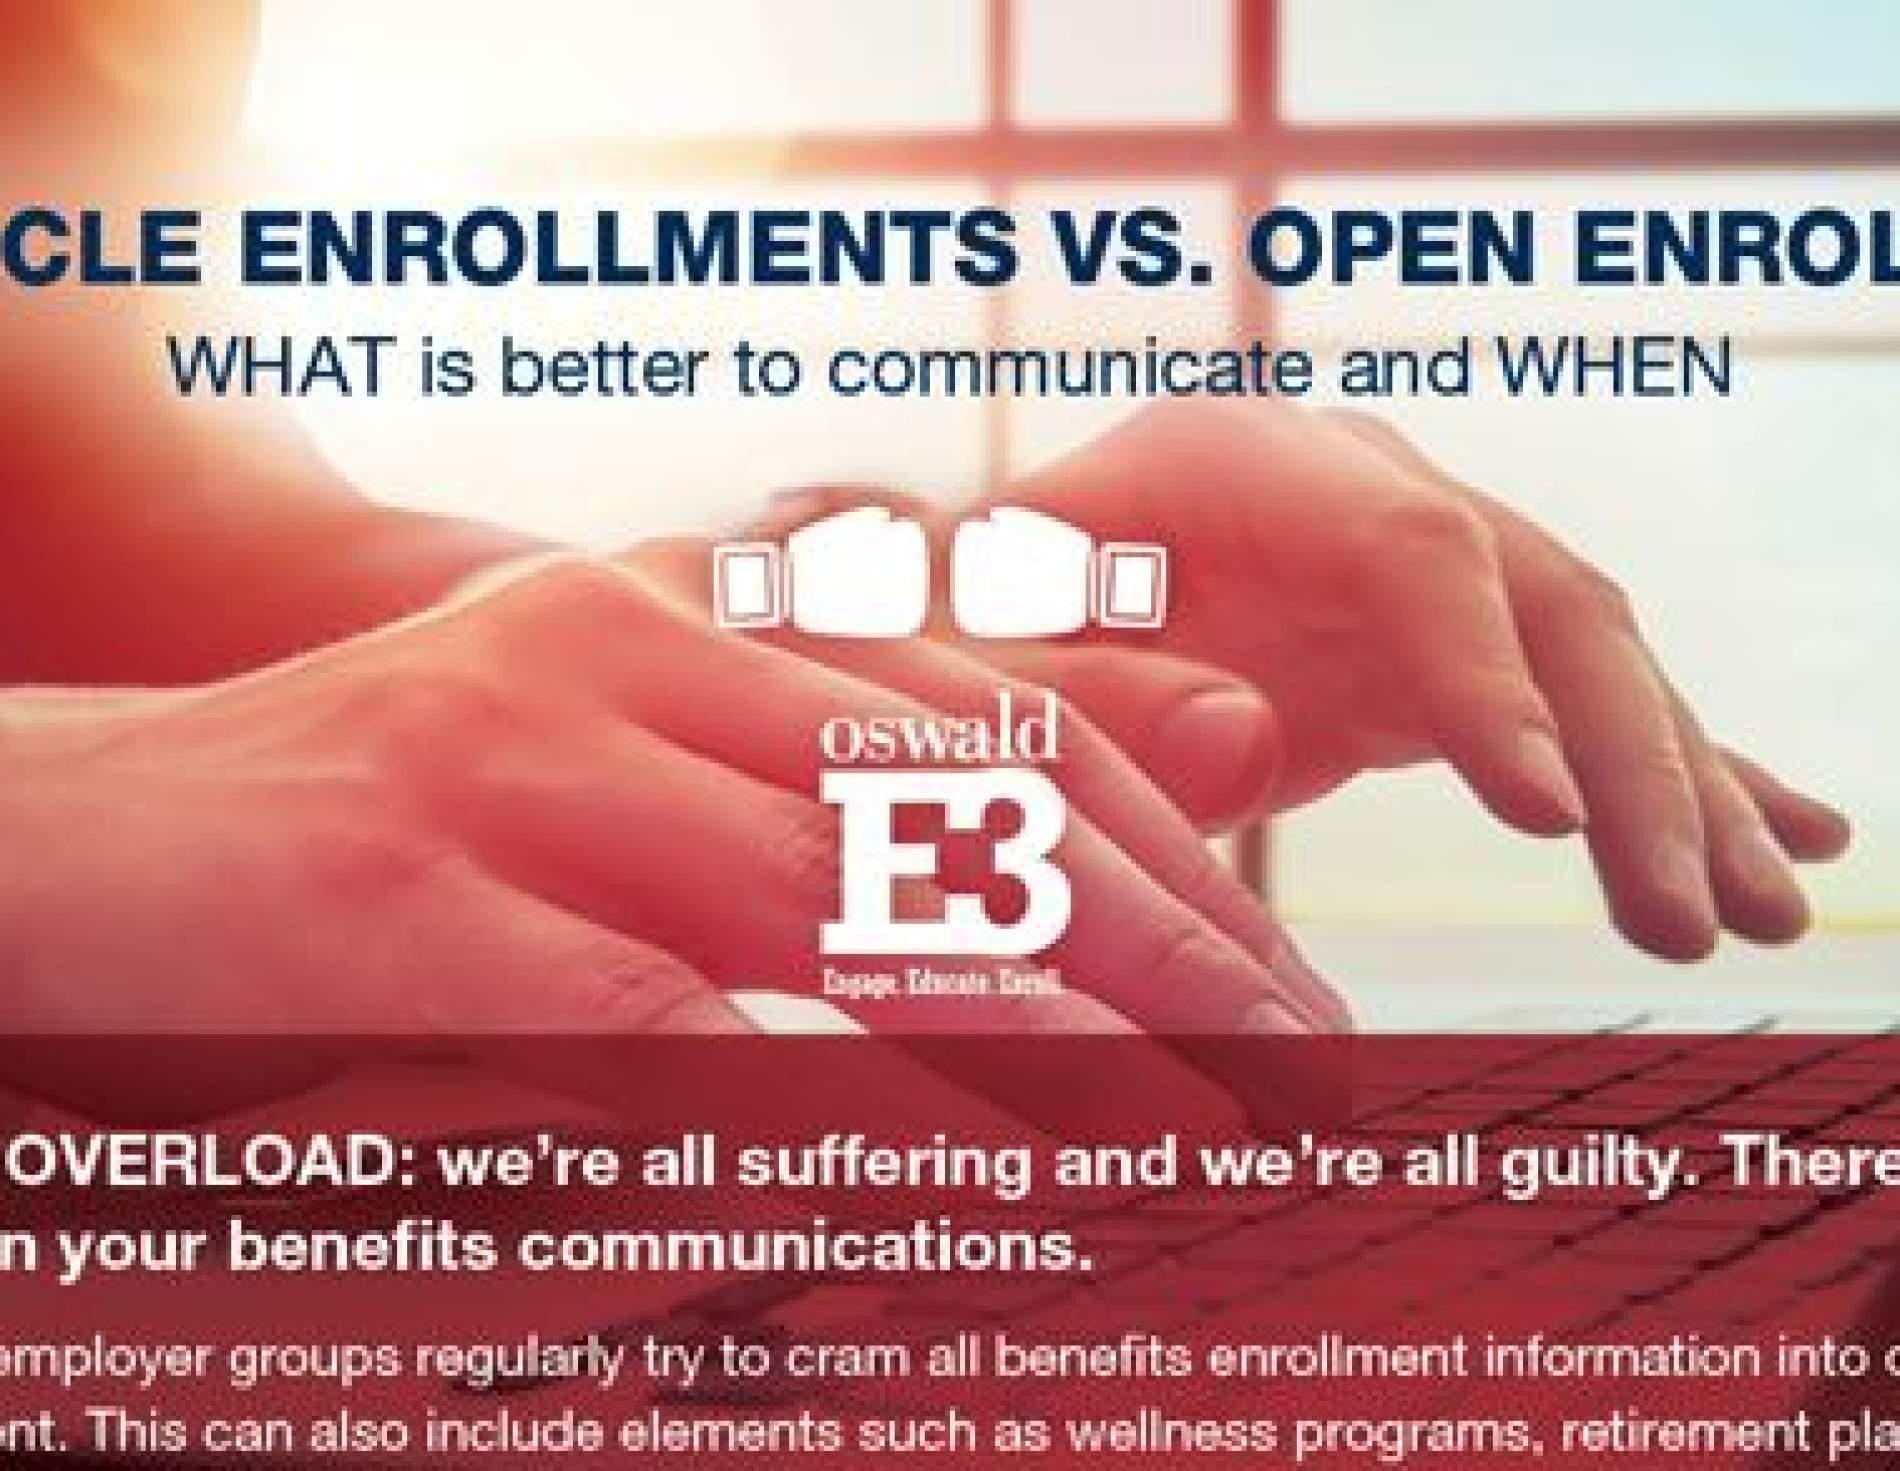 open enrollment info